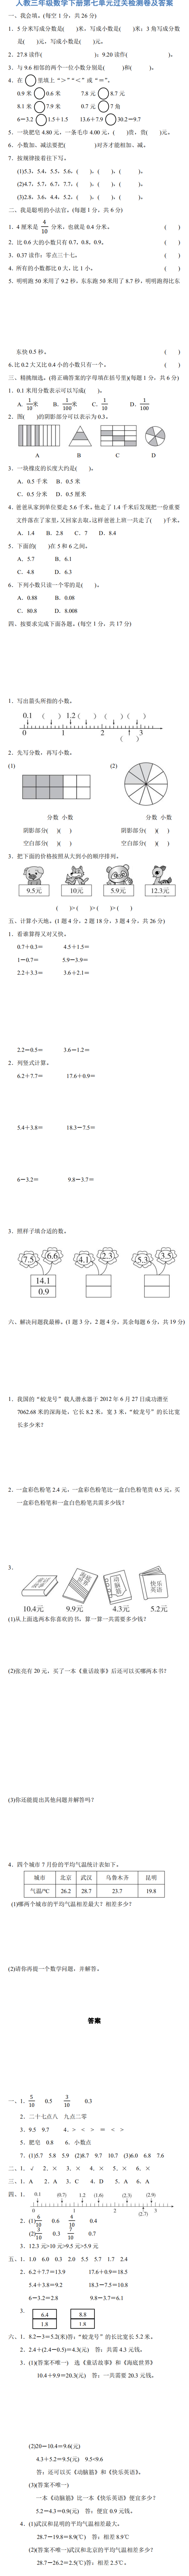 人教版3年级数学下册第七单元过关测试卷及答案_0.png